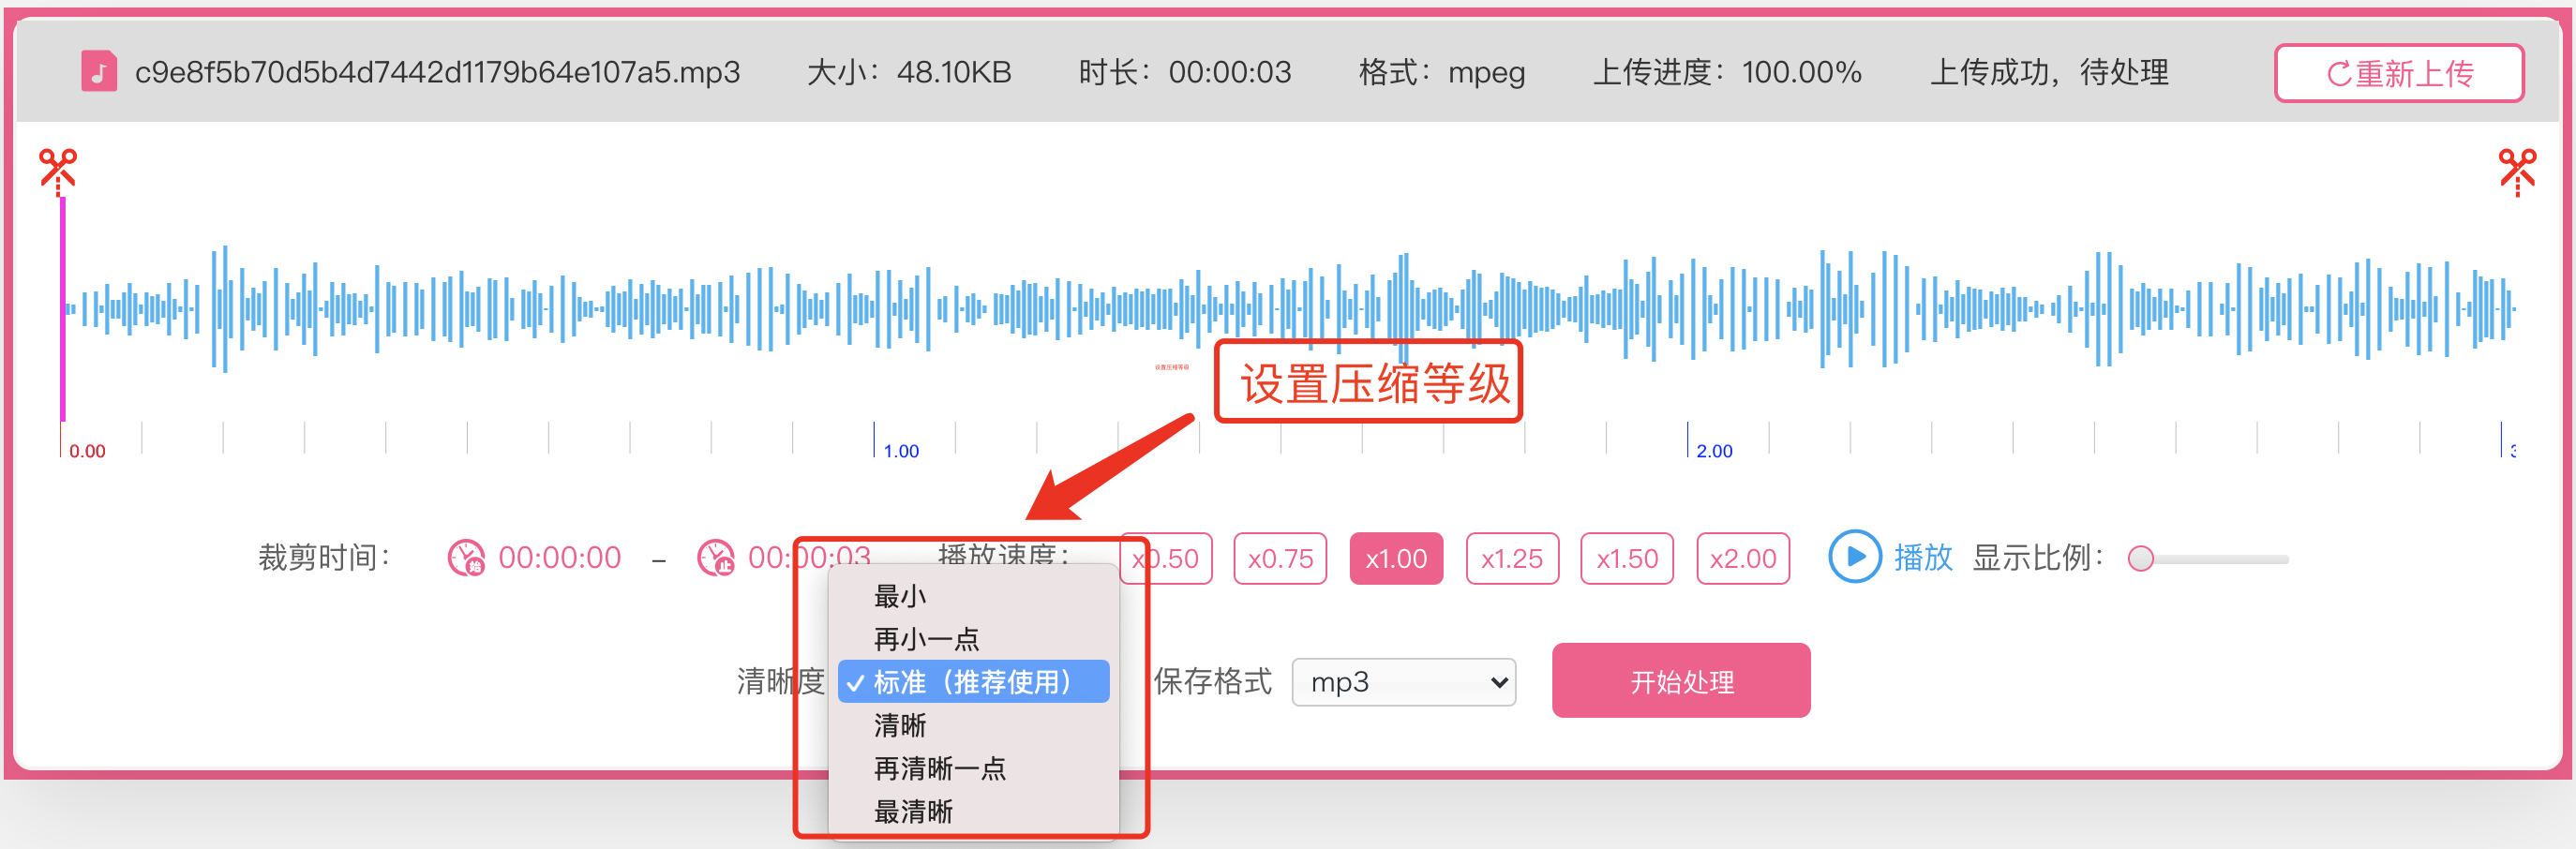 MP3音频文件太大怎么办?使用sp简剪音频压缩功能压缩MP3